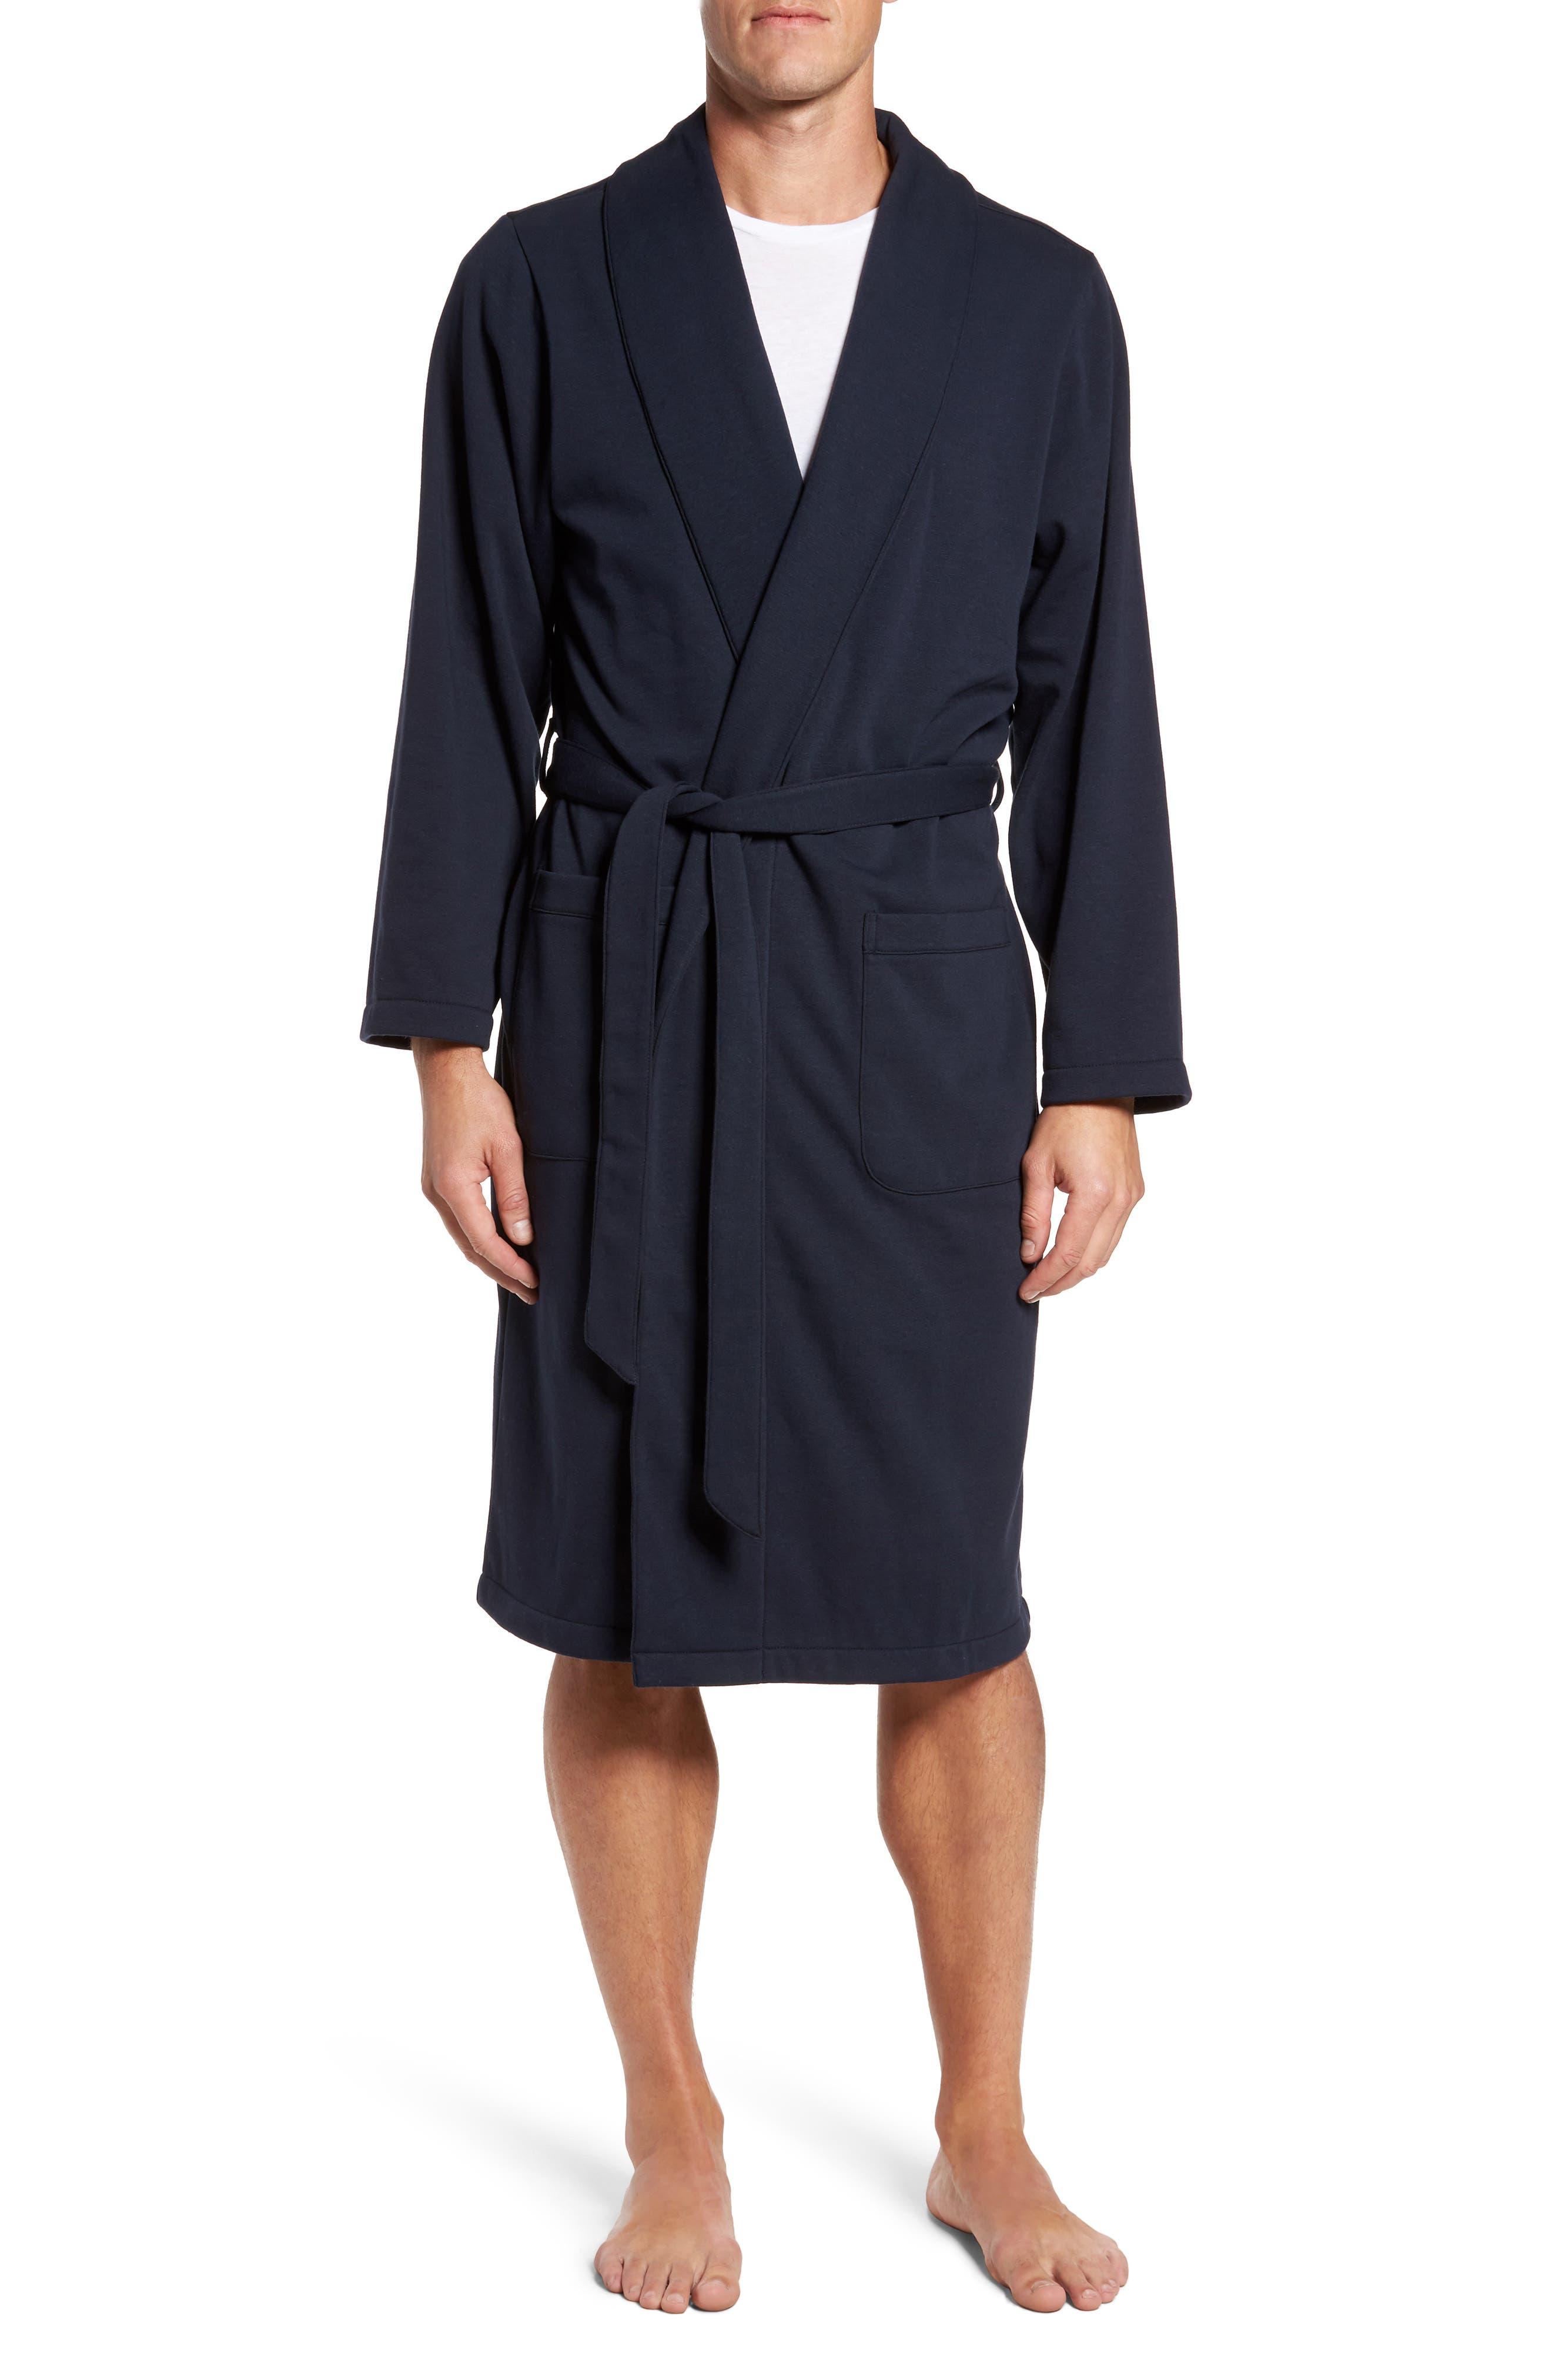 Nordstrom Men's Shop Jersey Fleece Robe